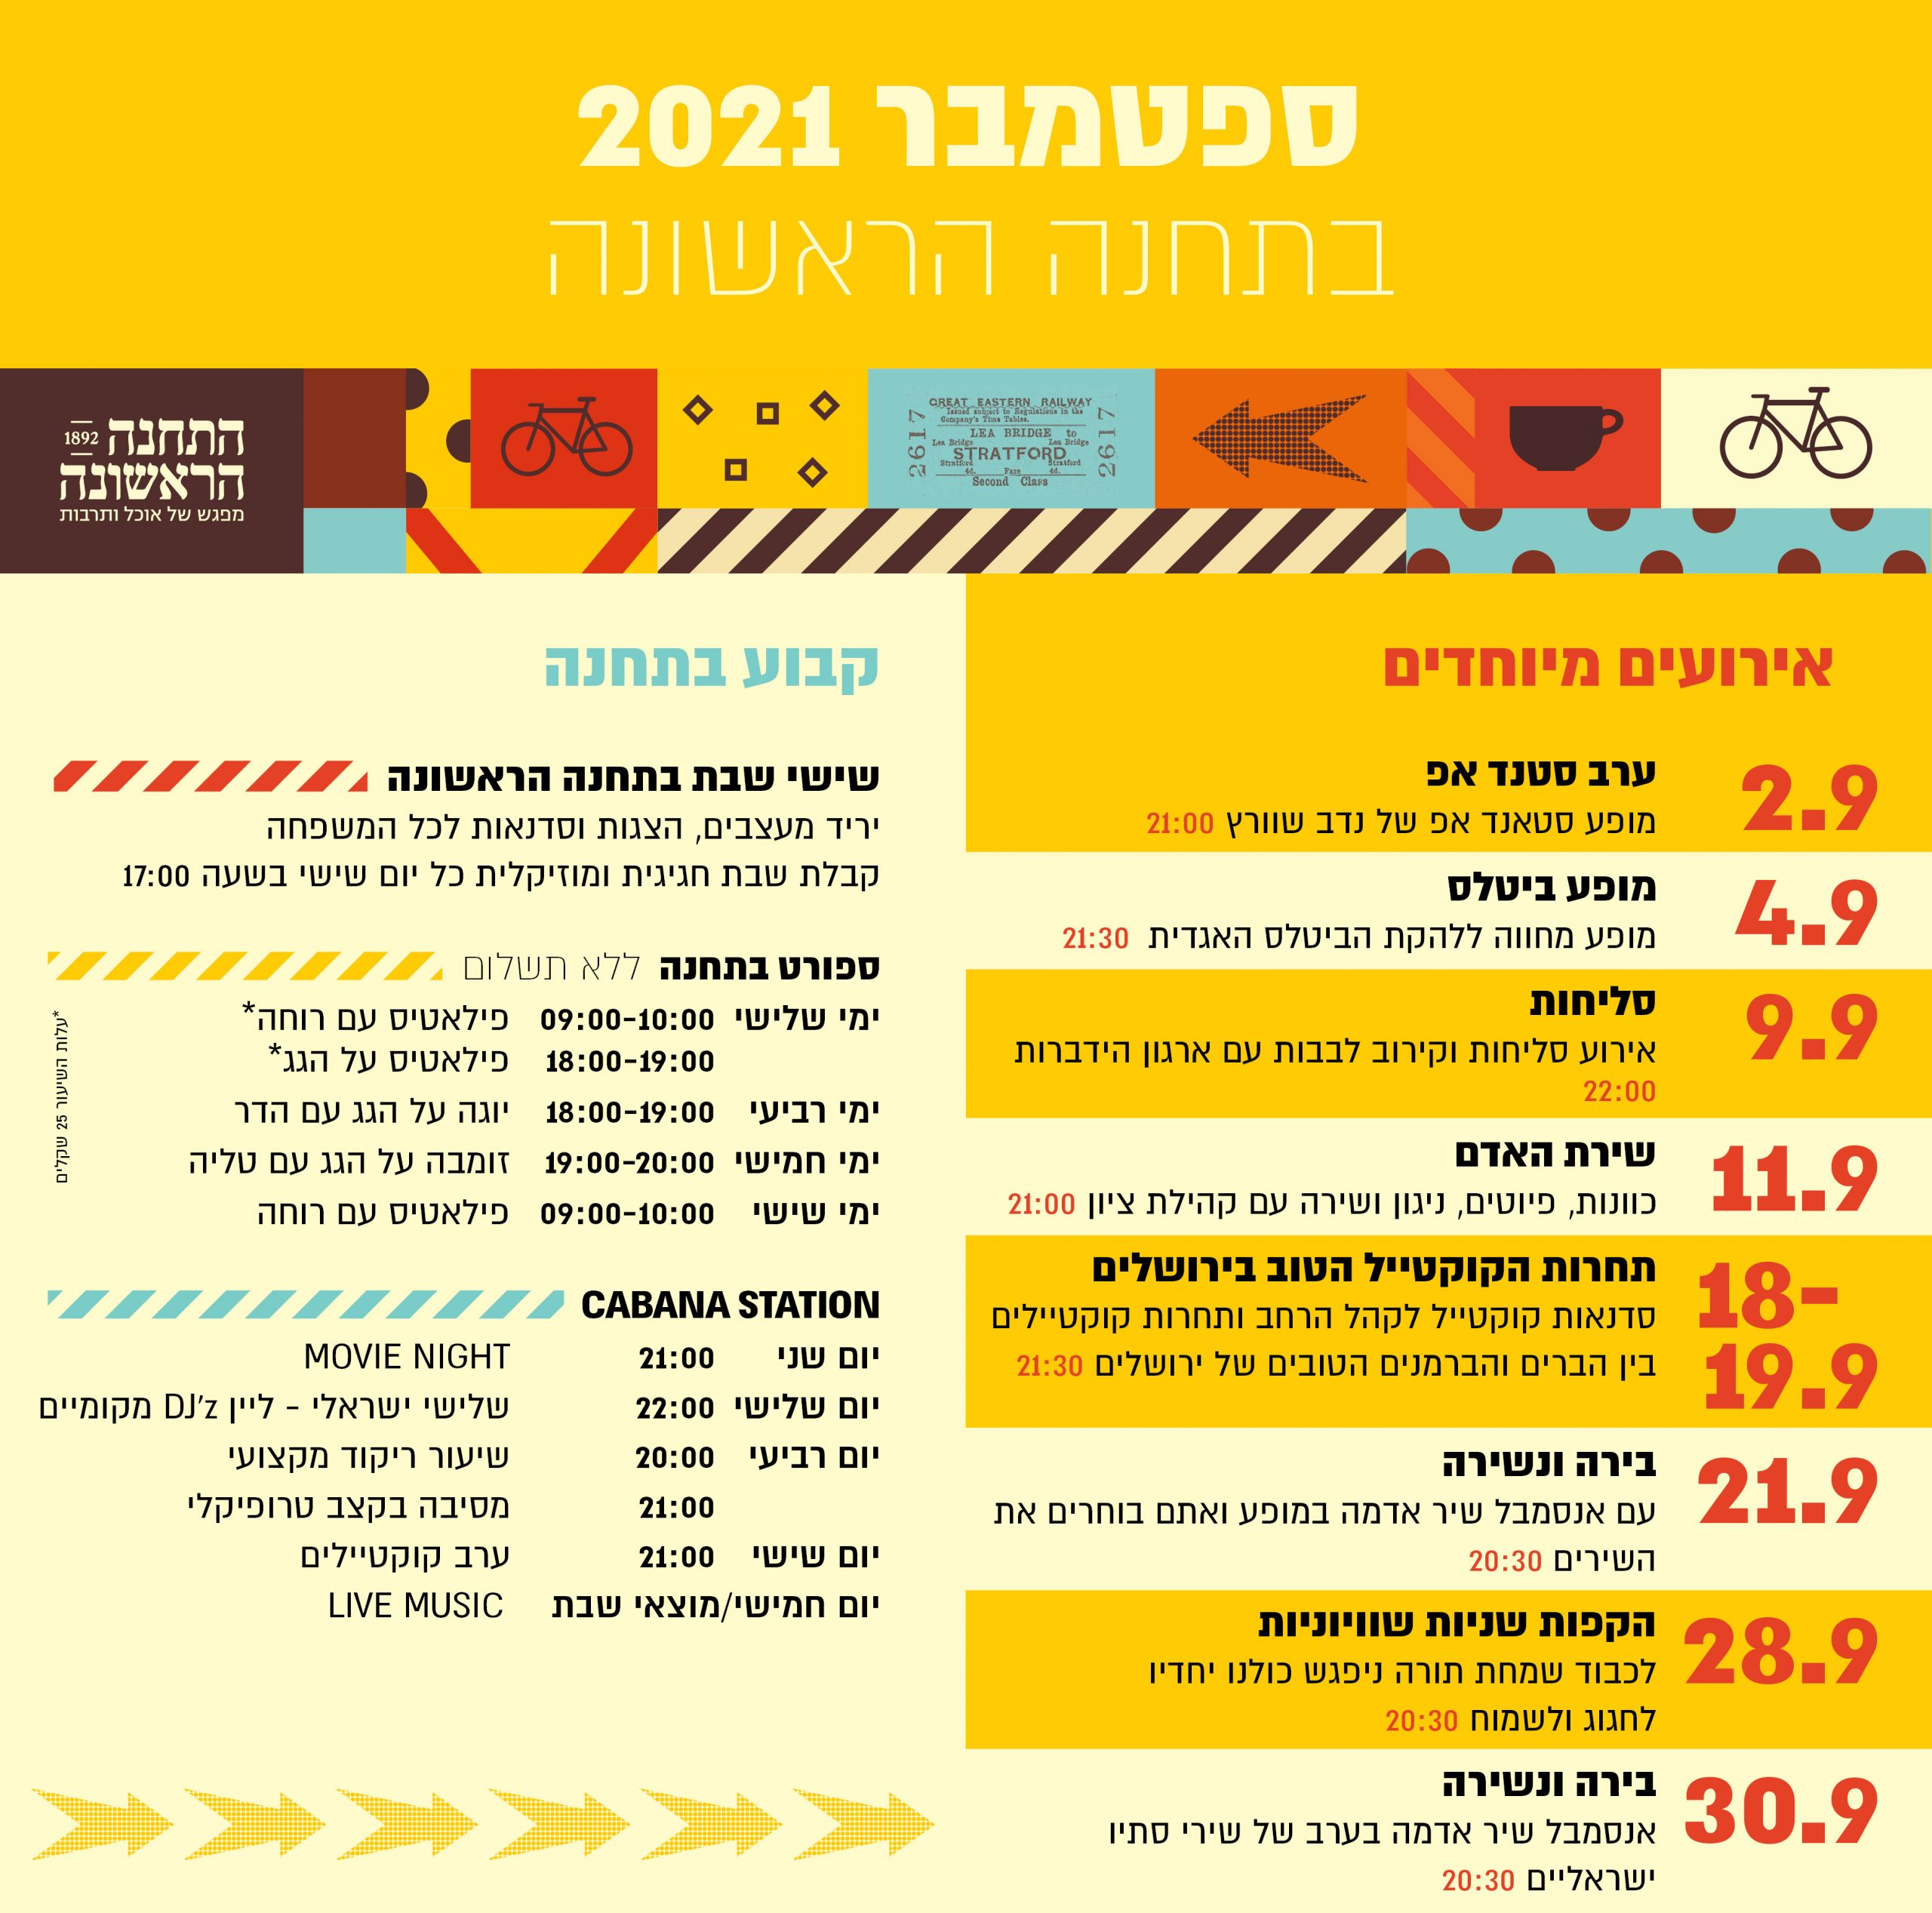 ספטמבר בתחנה הראשונה ירושלים